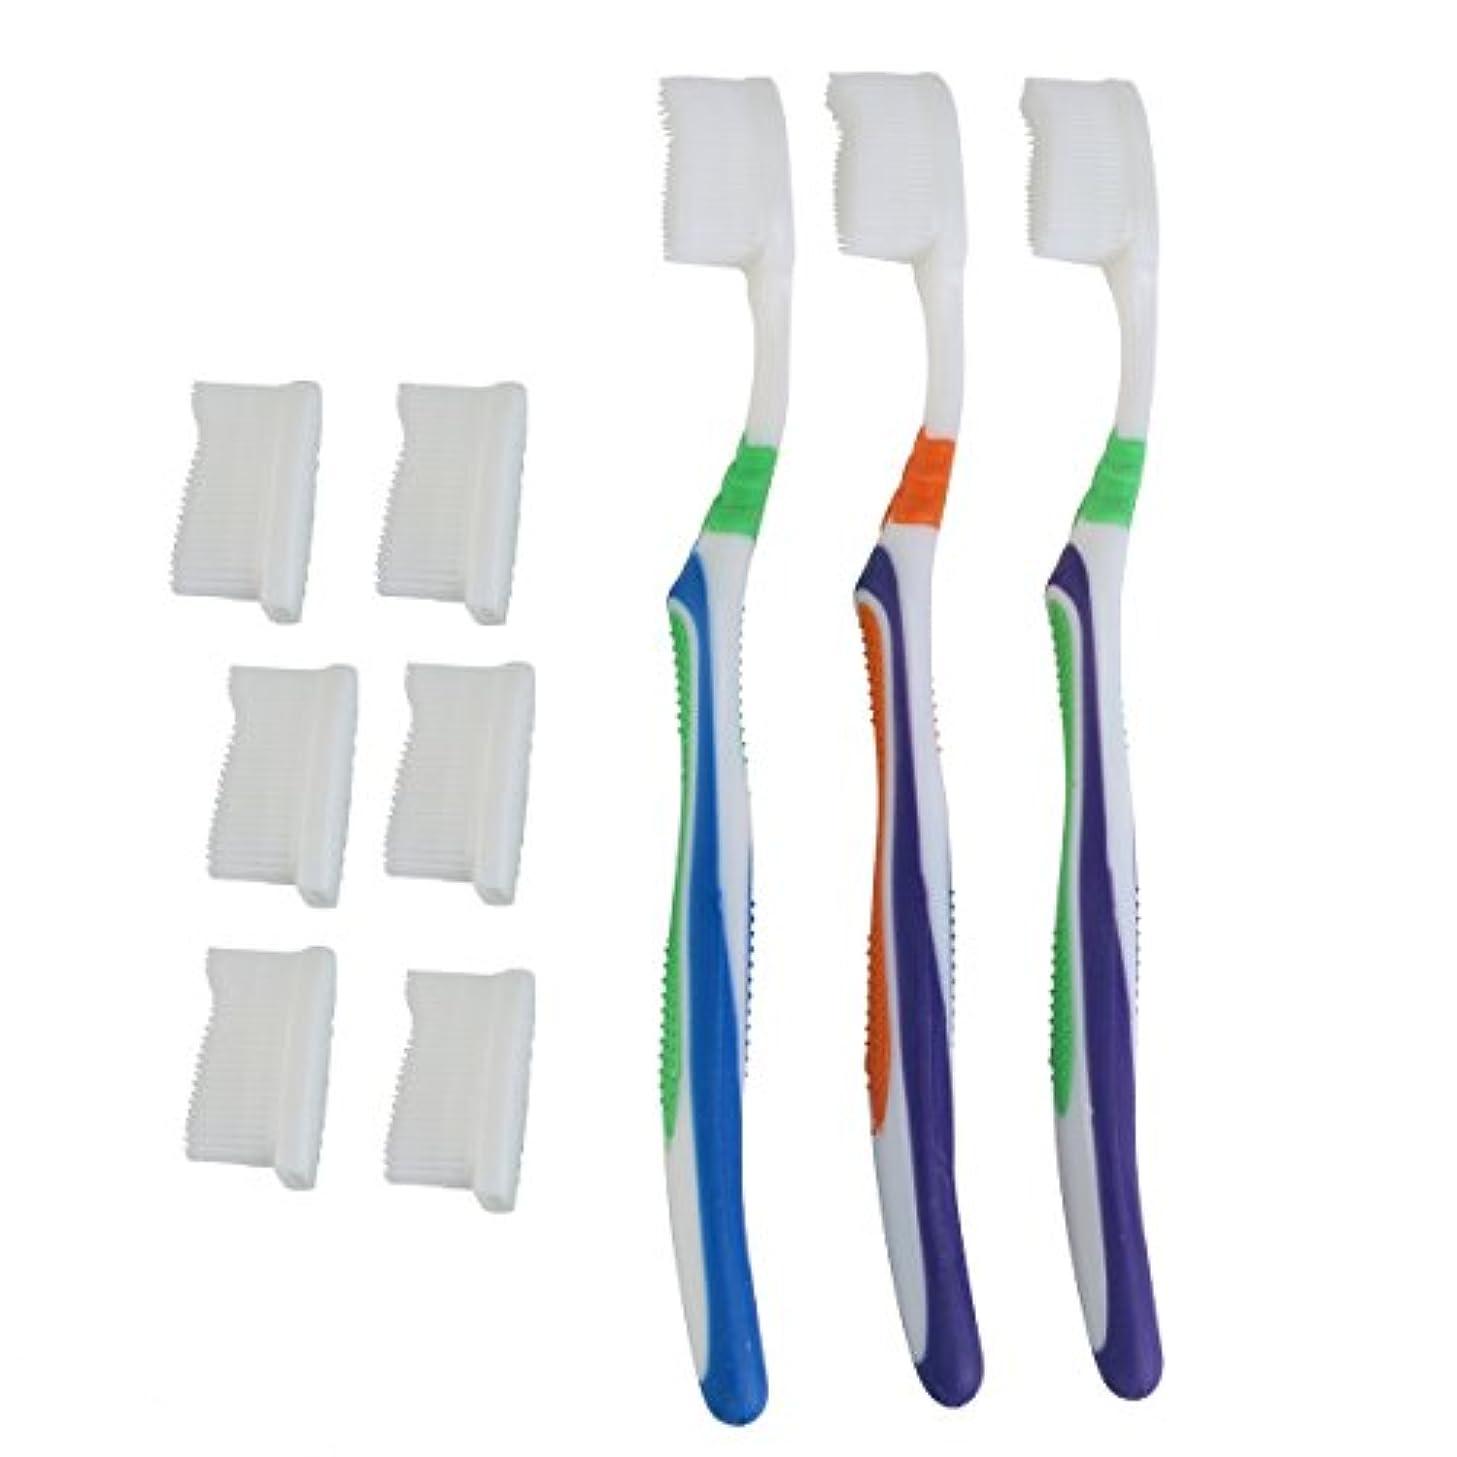 センブランスガチョウ飾り羽TOPBATHY 子供と大人のための歯ブラシの頭の代わりとなる柔らかい歯ブラシ(ランダムカラー)